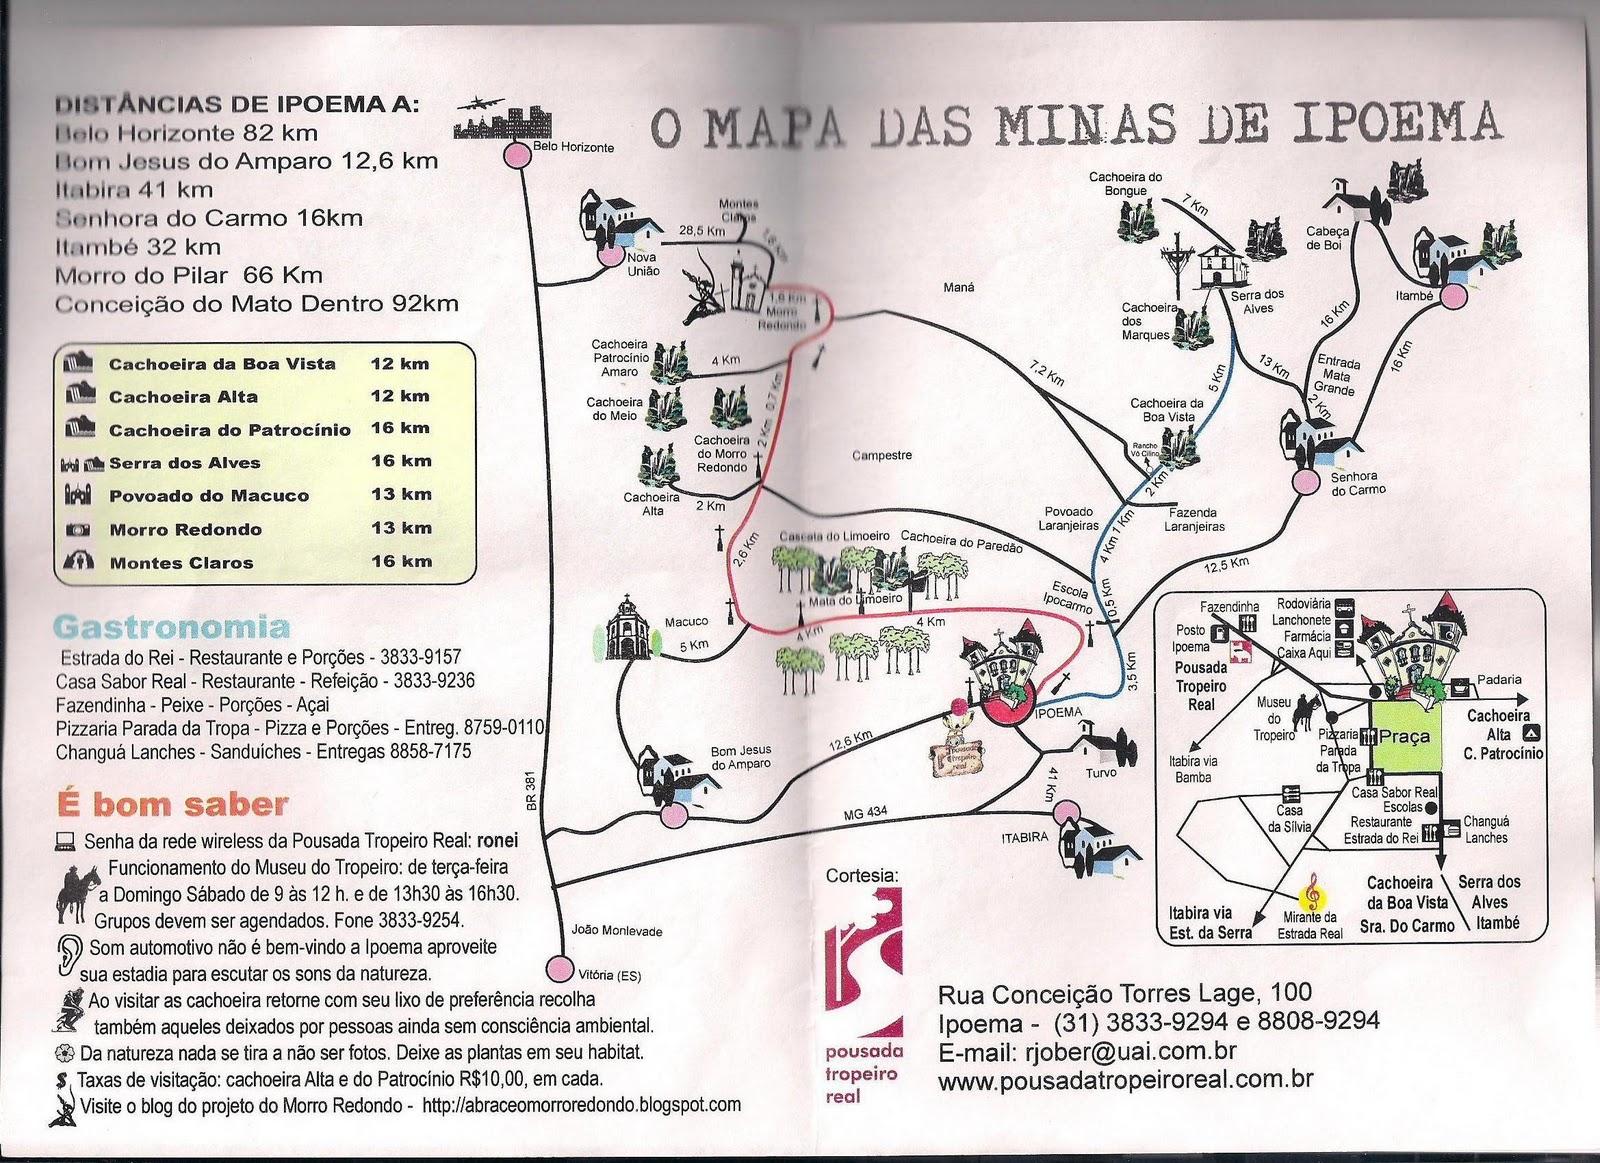 mapa das cachoeiras de Ipoema e região